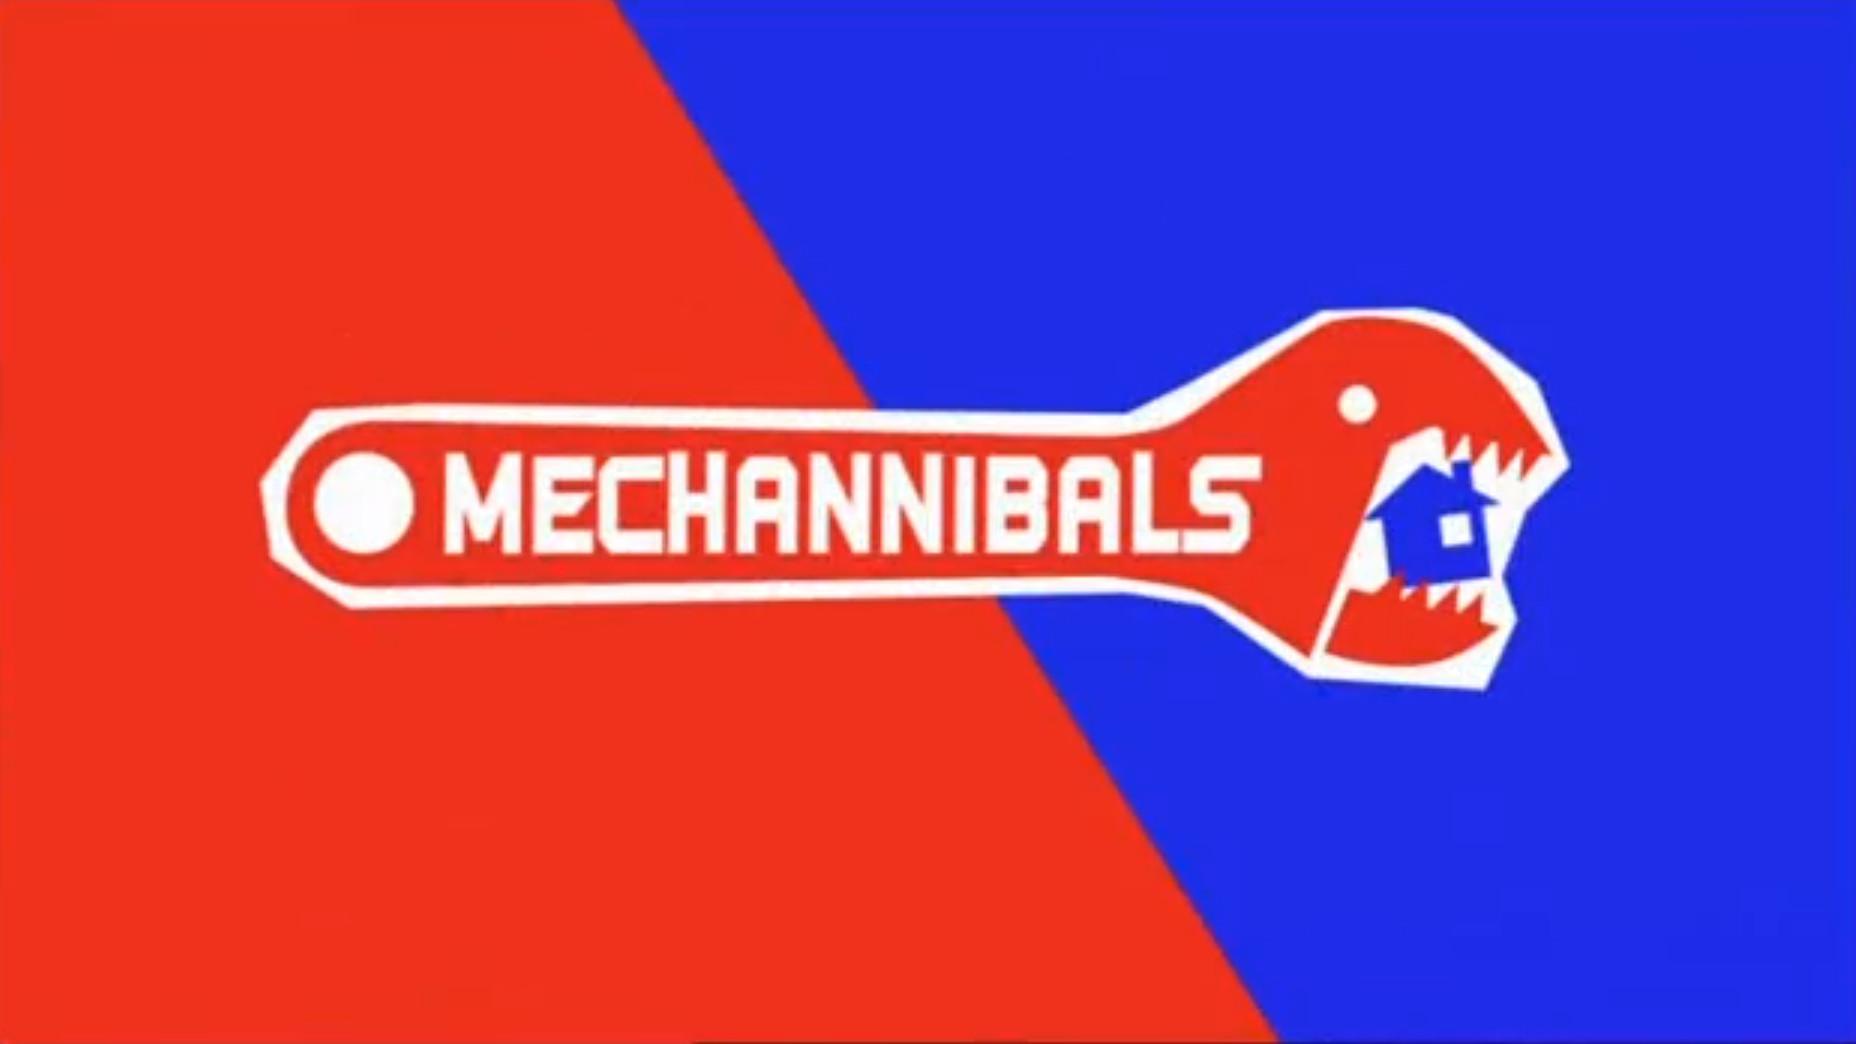 Mechannibals